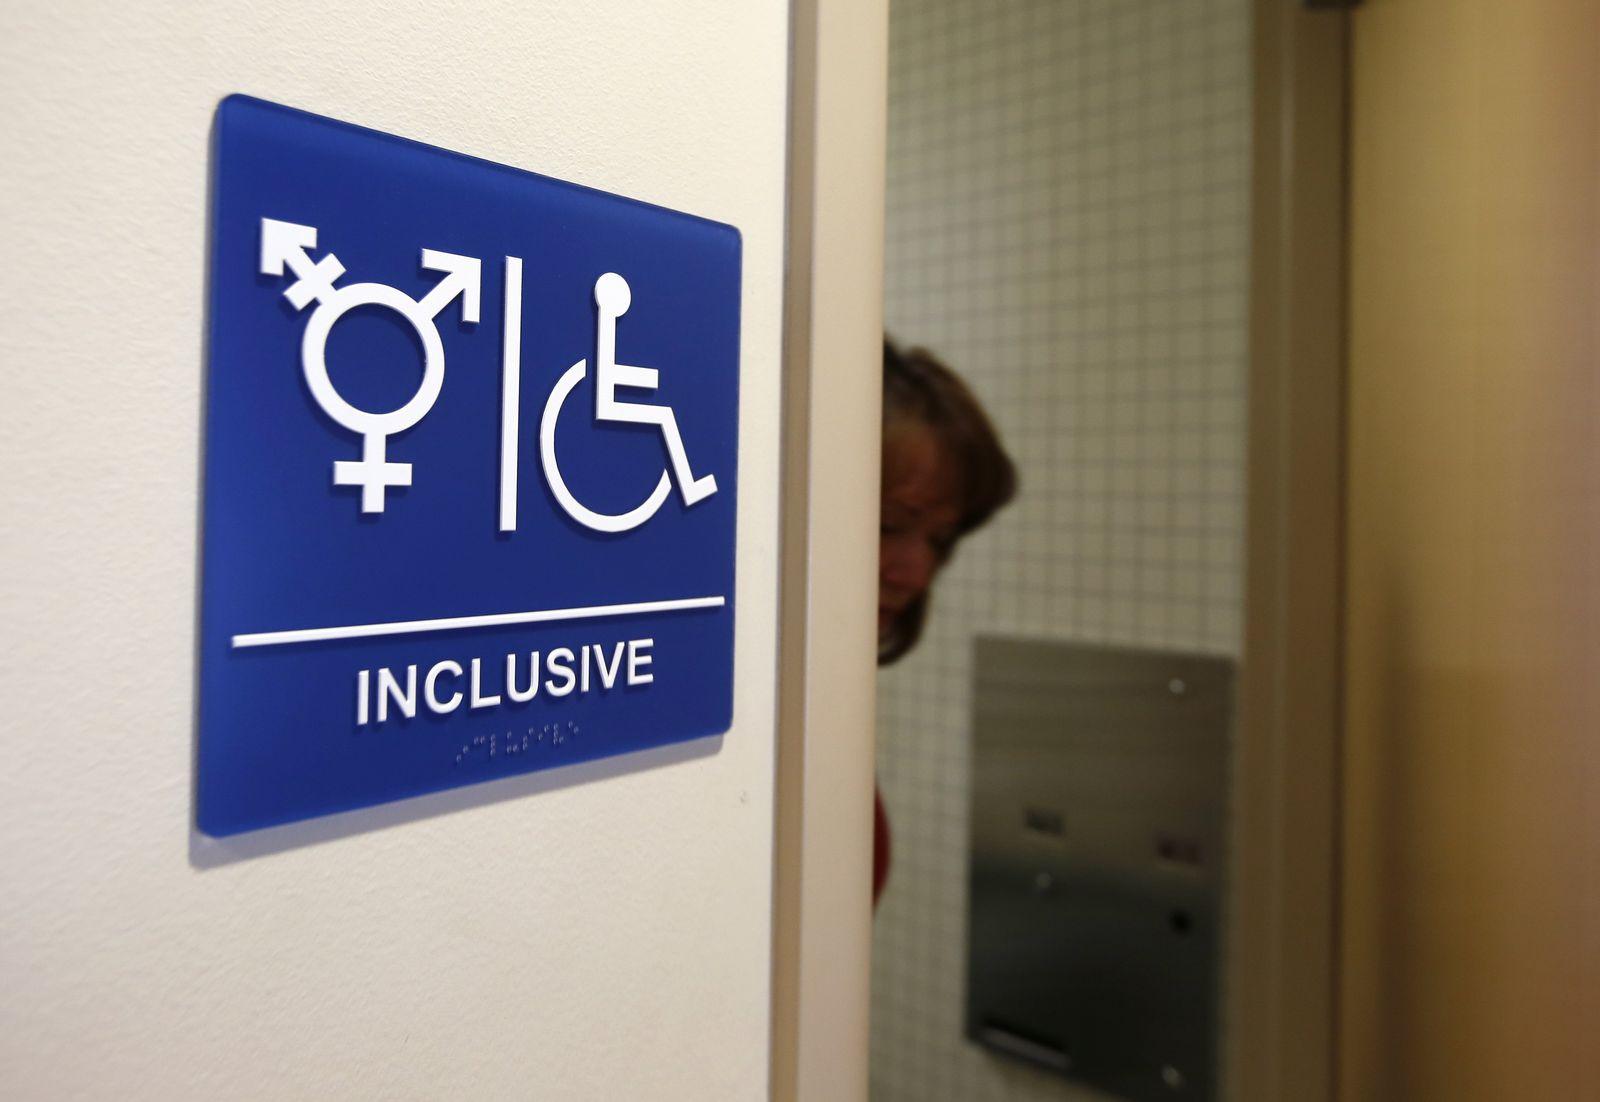 videoteaertransgender toilette